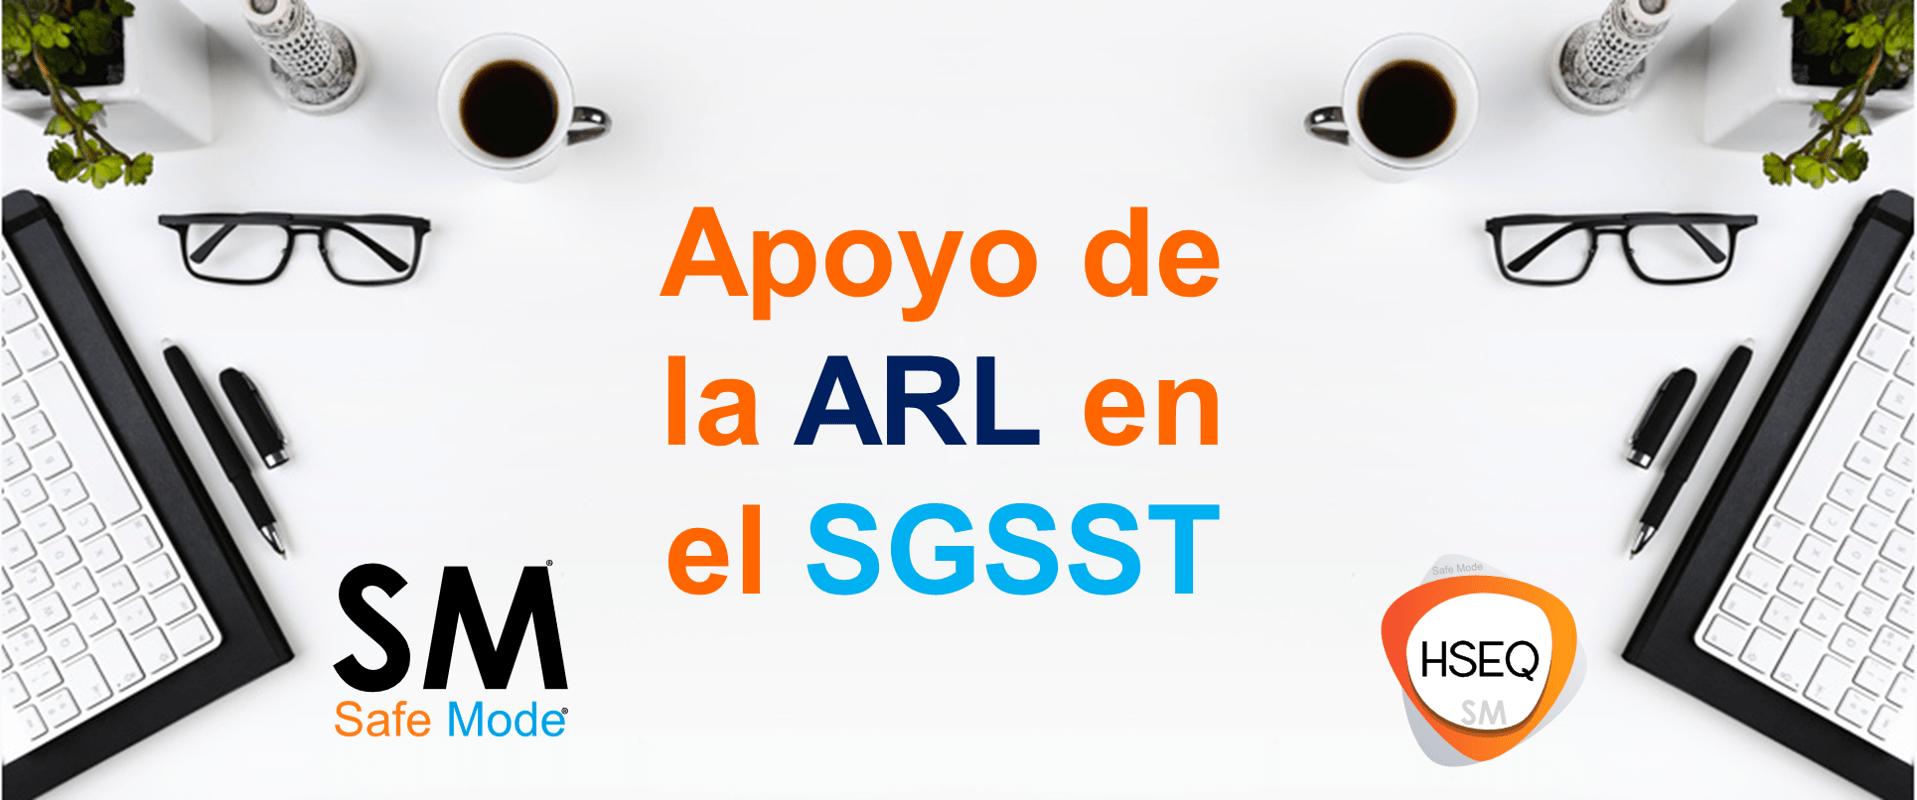 Apoyo de la ARL en el SGSST